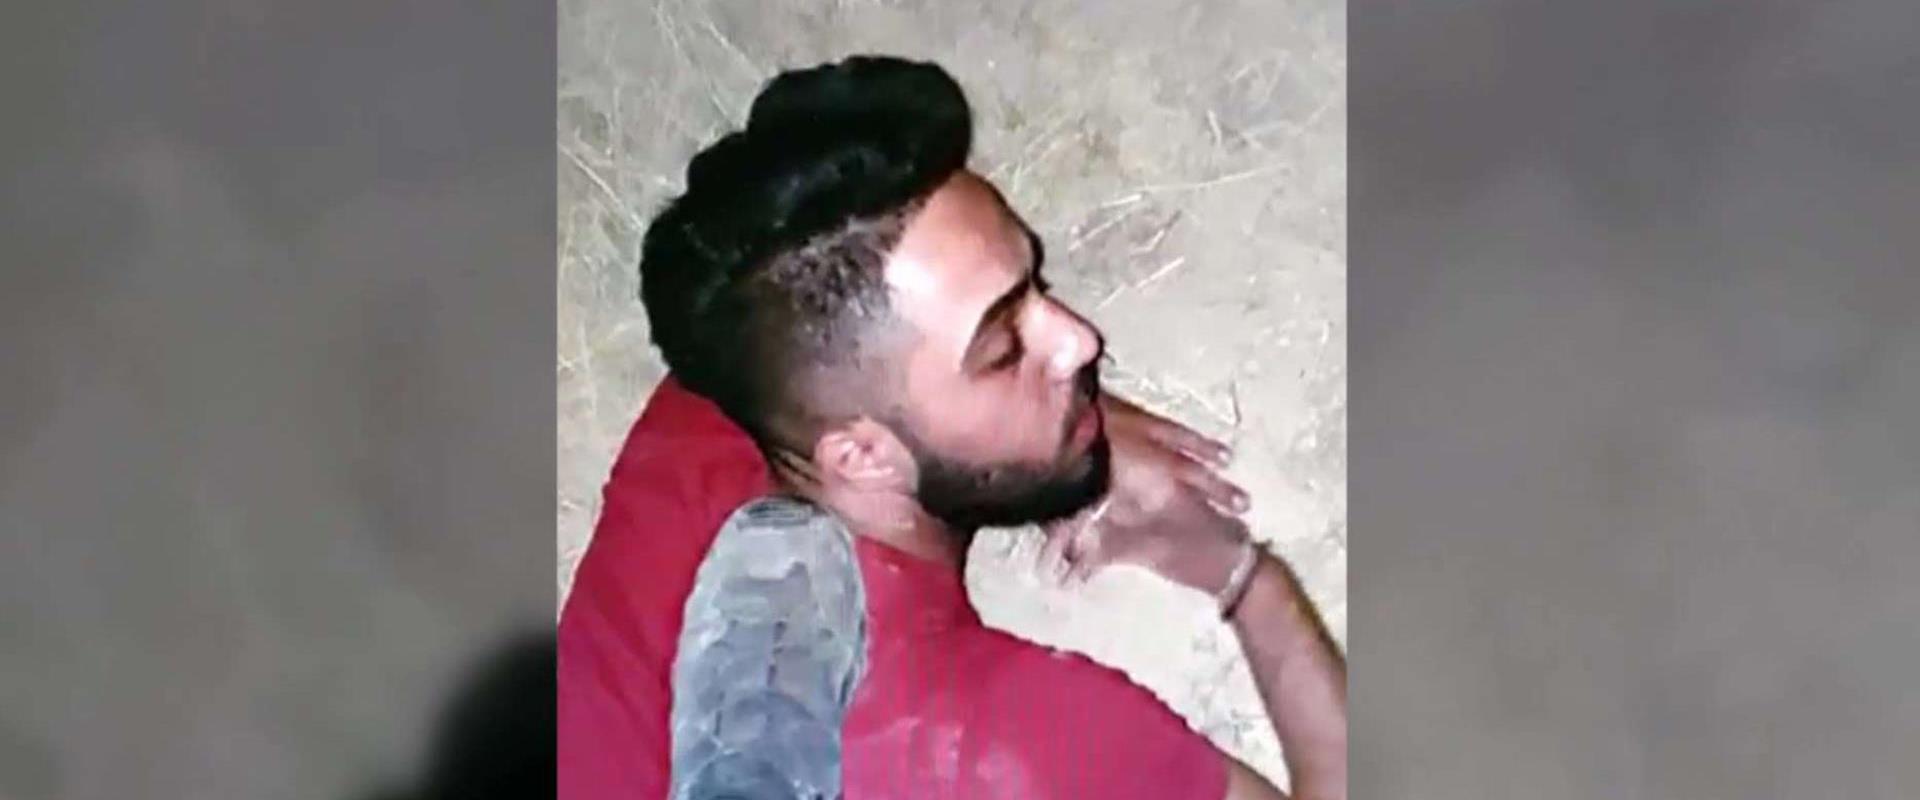 תיעוד תקיפת מונתסר אל-פאחורי על ידי שוטרים